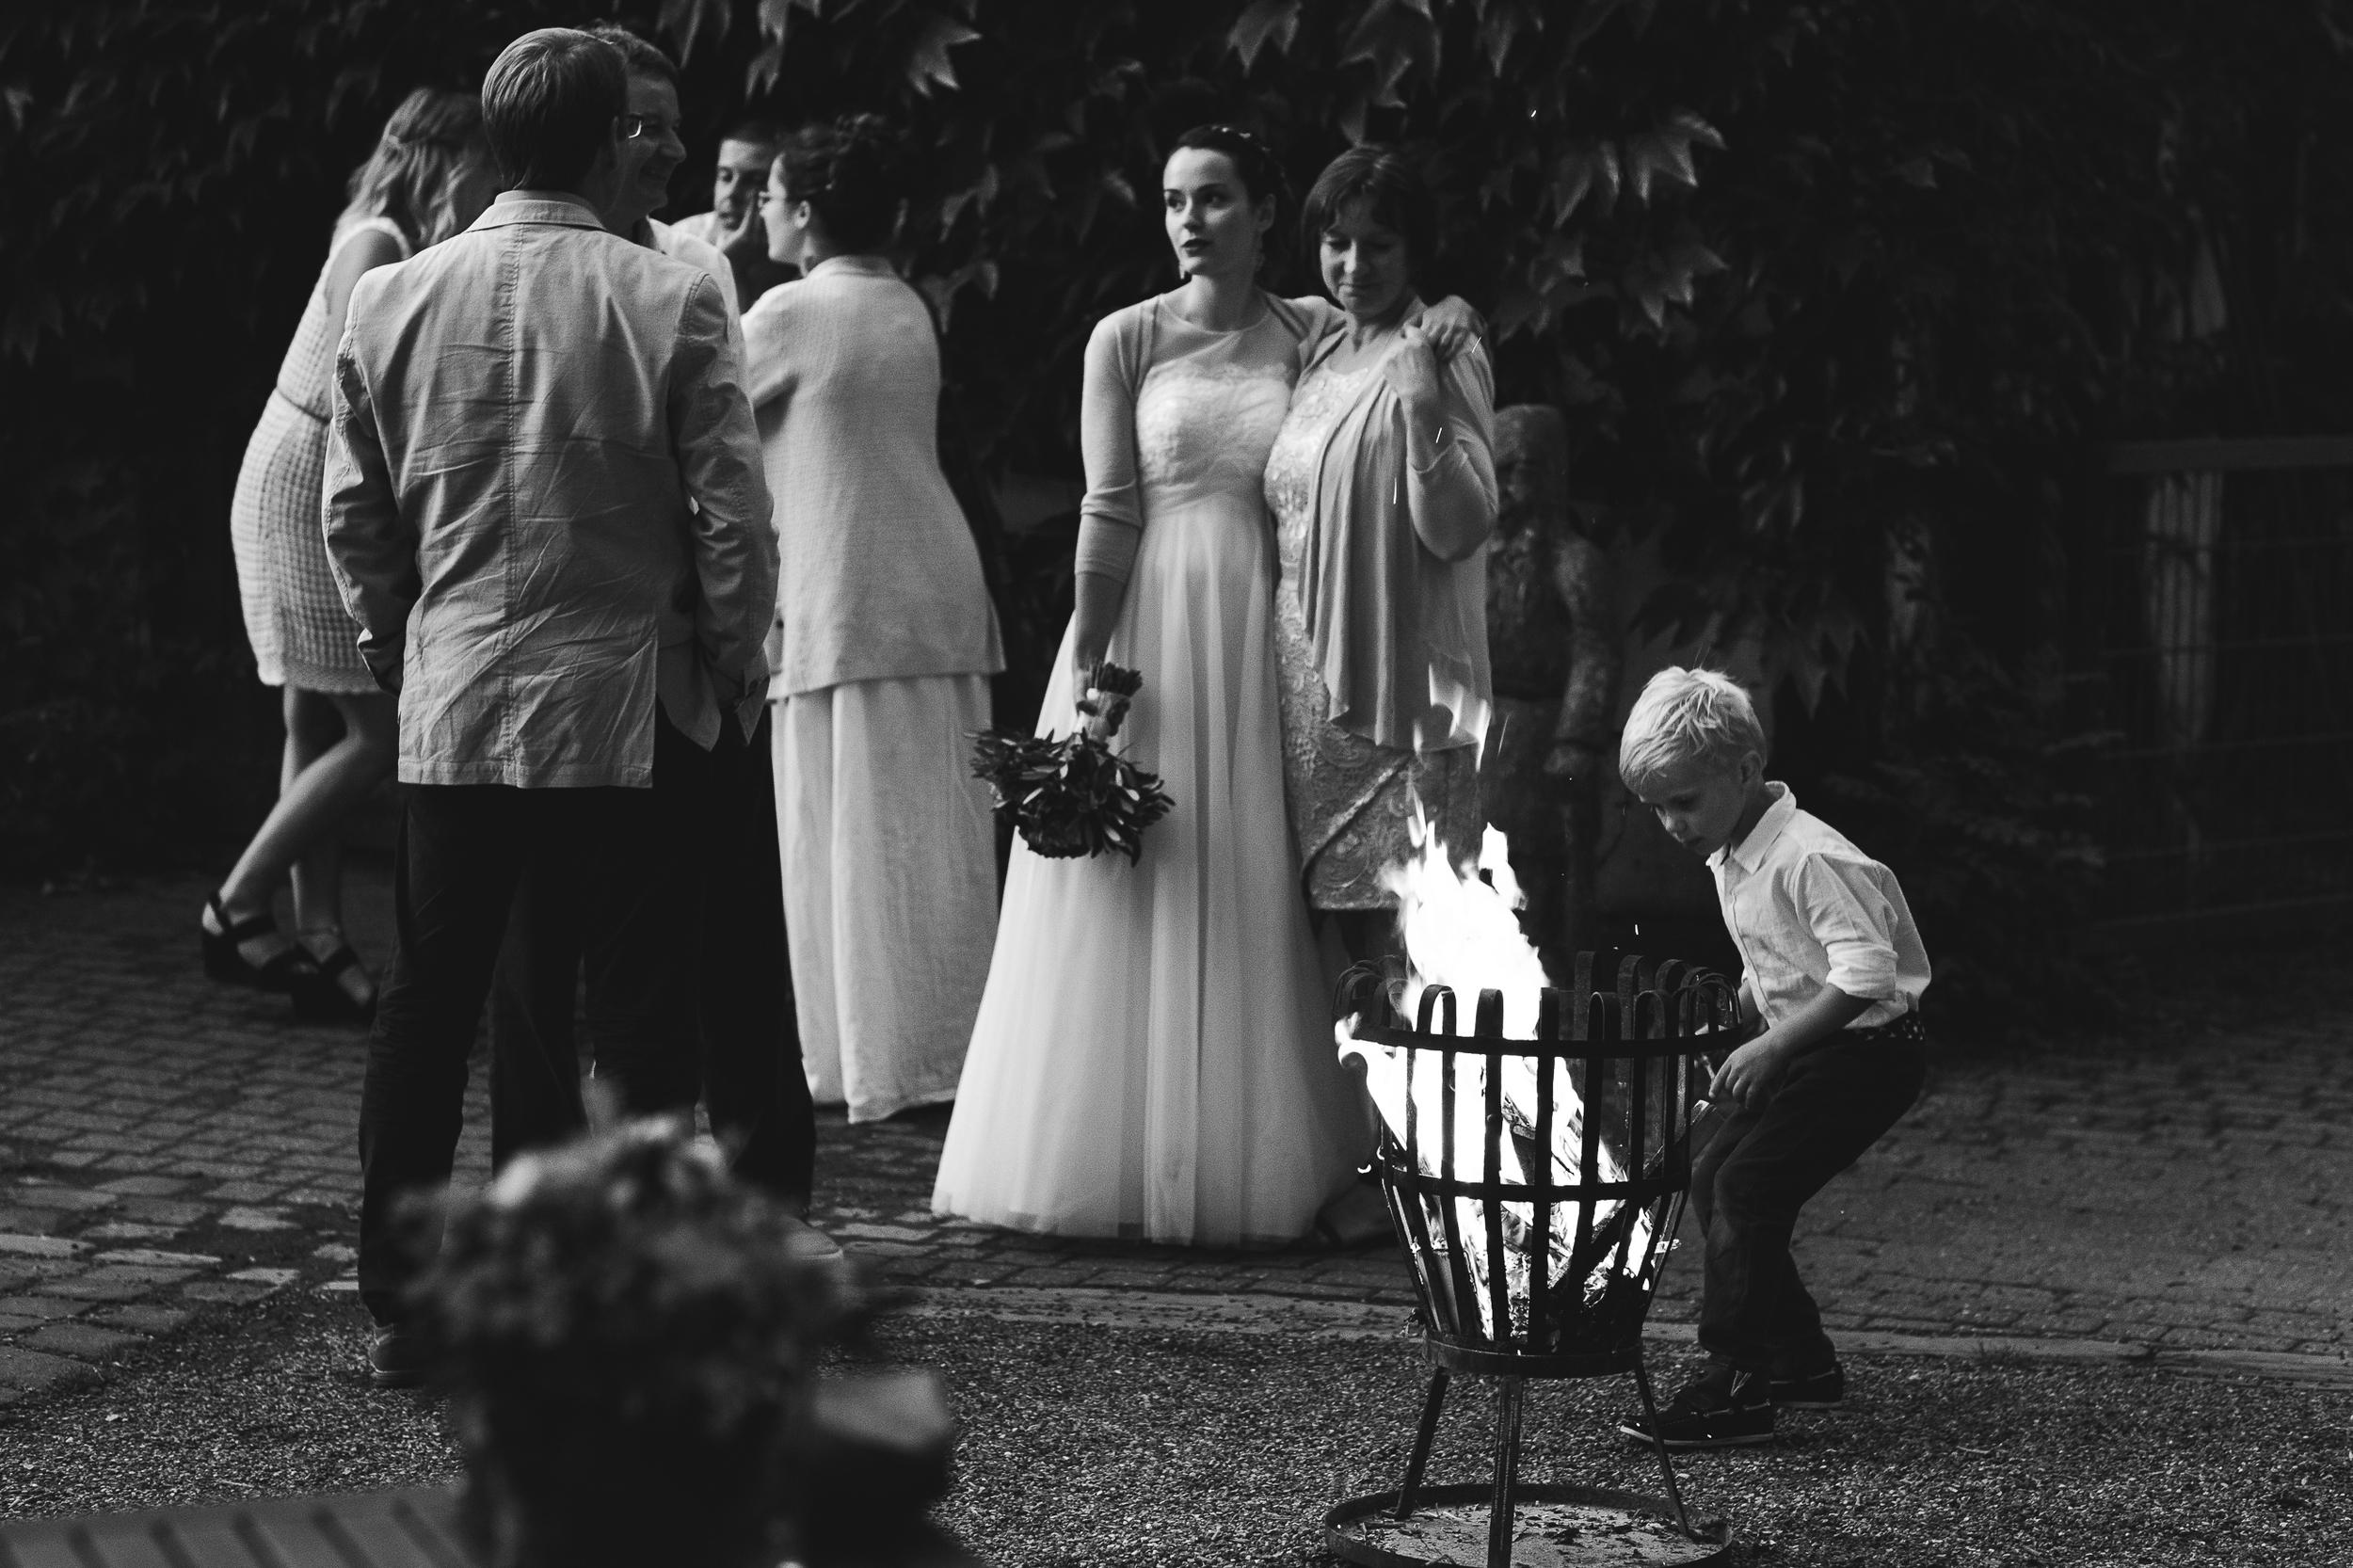 Hochzeitsfotograf LE HAI LINH Hochzeitsreportage Koeln Duesseldorf Bonn-1-8.jpg